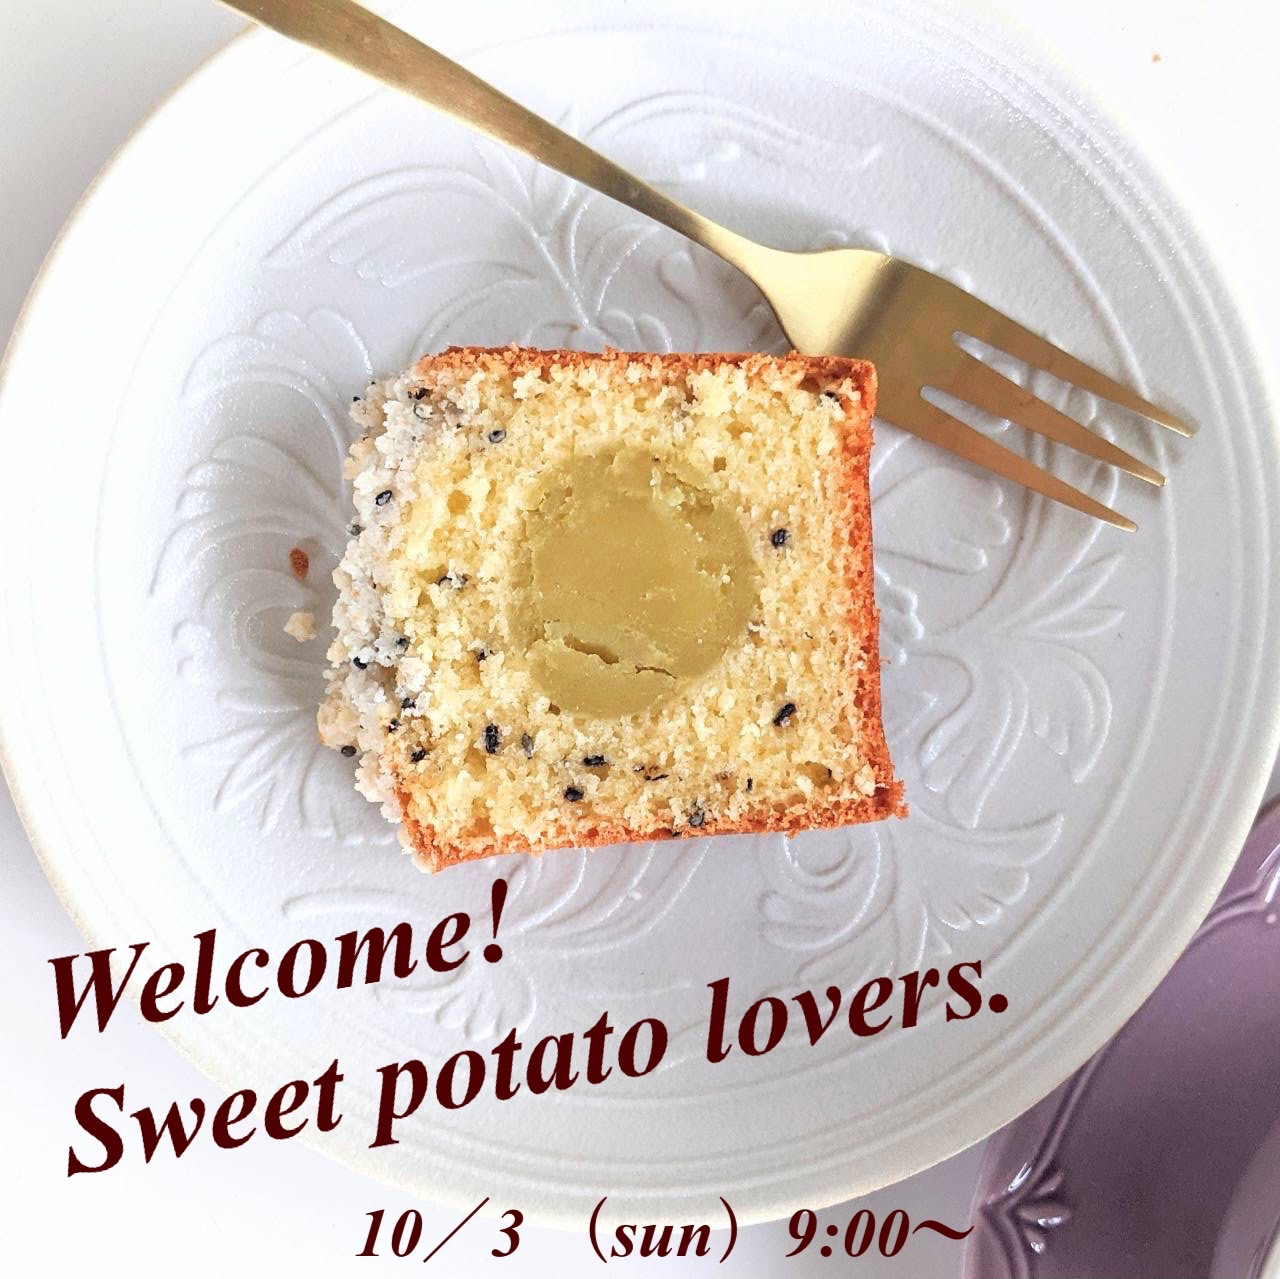 おいも好きな人集まれ~✨【秋限定】お芋さん好きが喜ぶ『丸ごとスイートポテト』ケーキの誕生です!